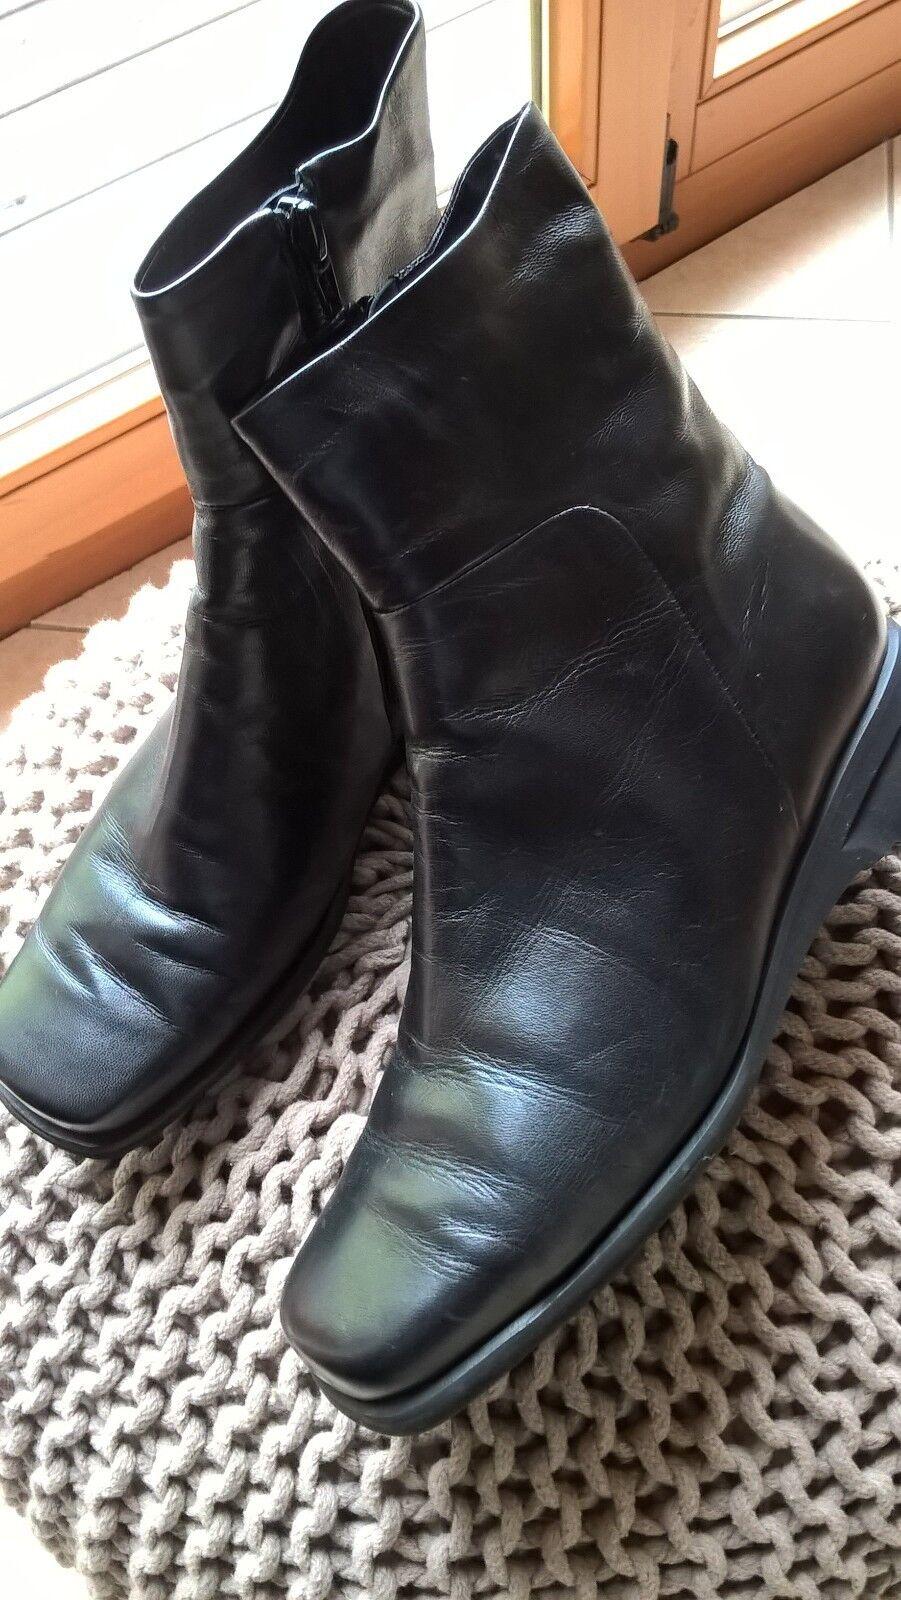 Brunate Stiefeletten schwarz Echtfellfutter Gr. 37 1/2 wenig getragen Echtfellfutter schwarz cc28f6